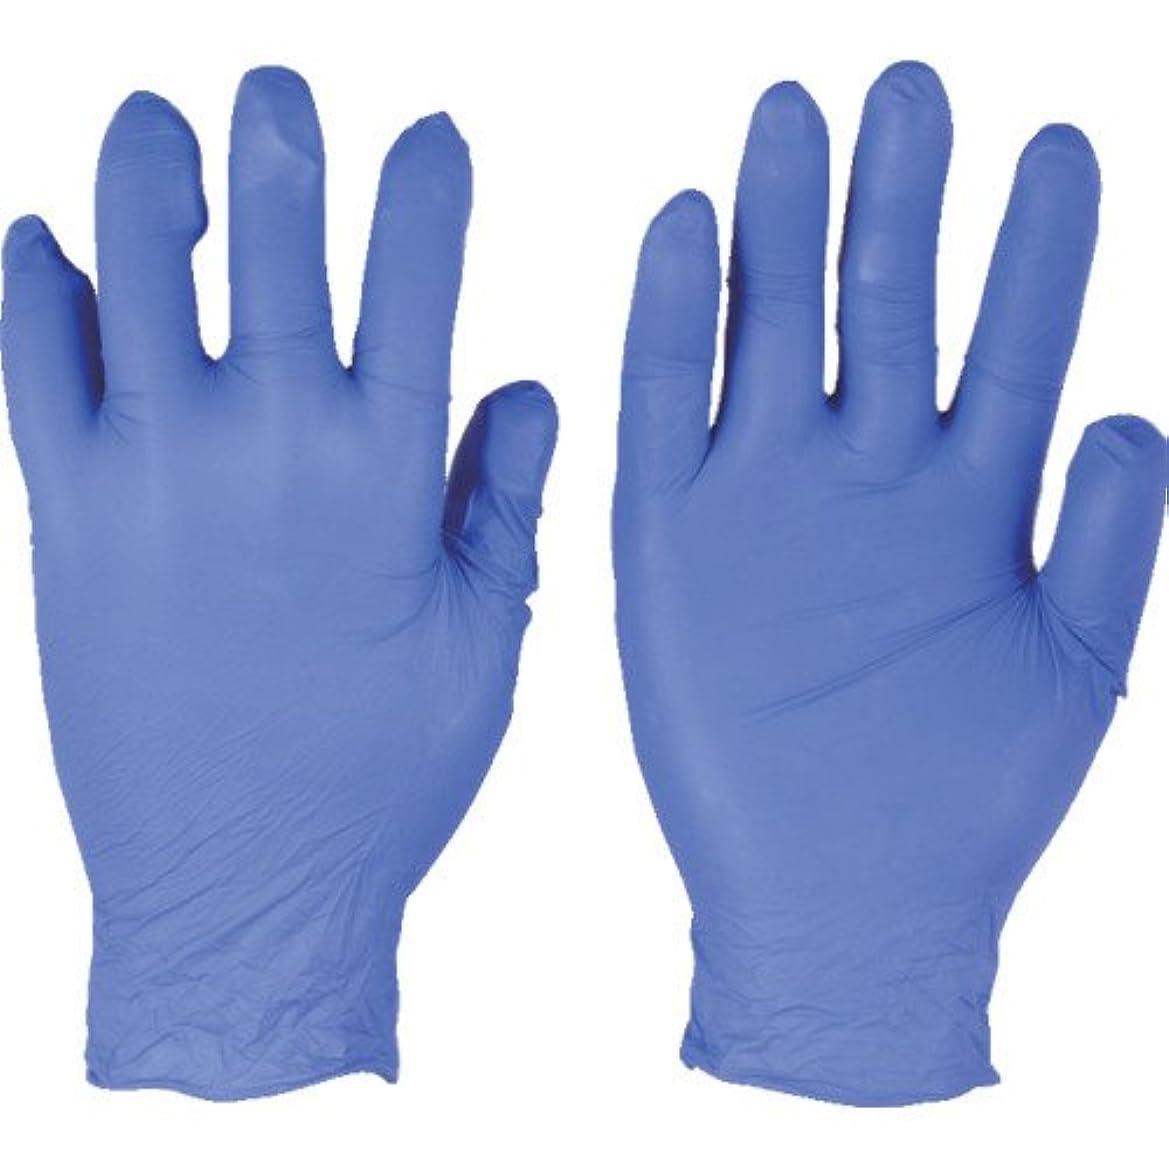 初期の呪われた見捨てるトラスコ中山 アンセル ニトリルゴム使い捨て手袋 エッジ 82-133 Mサイズ(300枚入り)  (300枚入) 821338